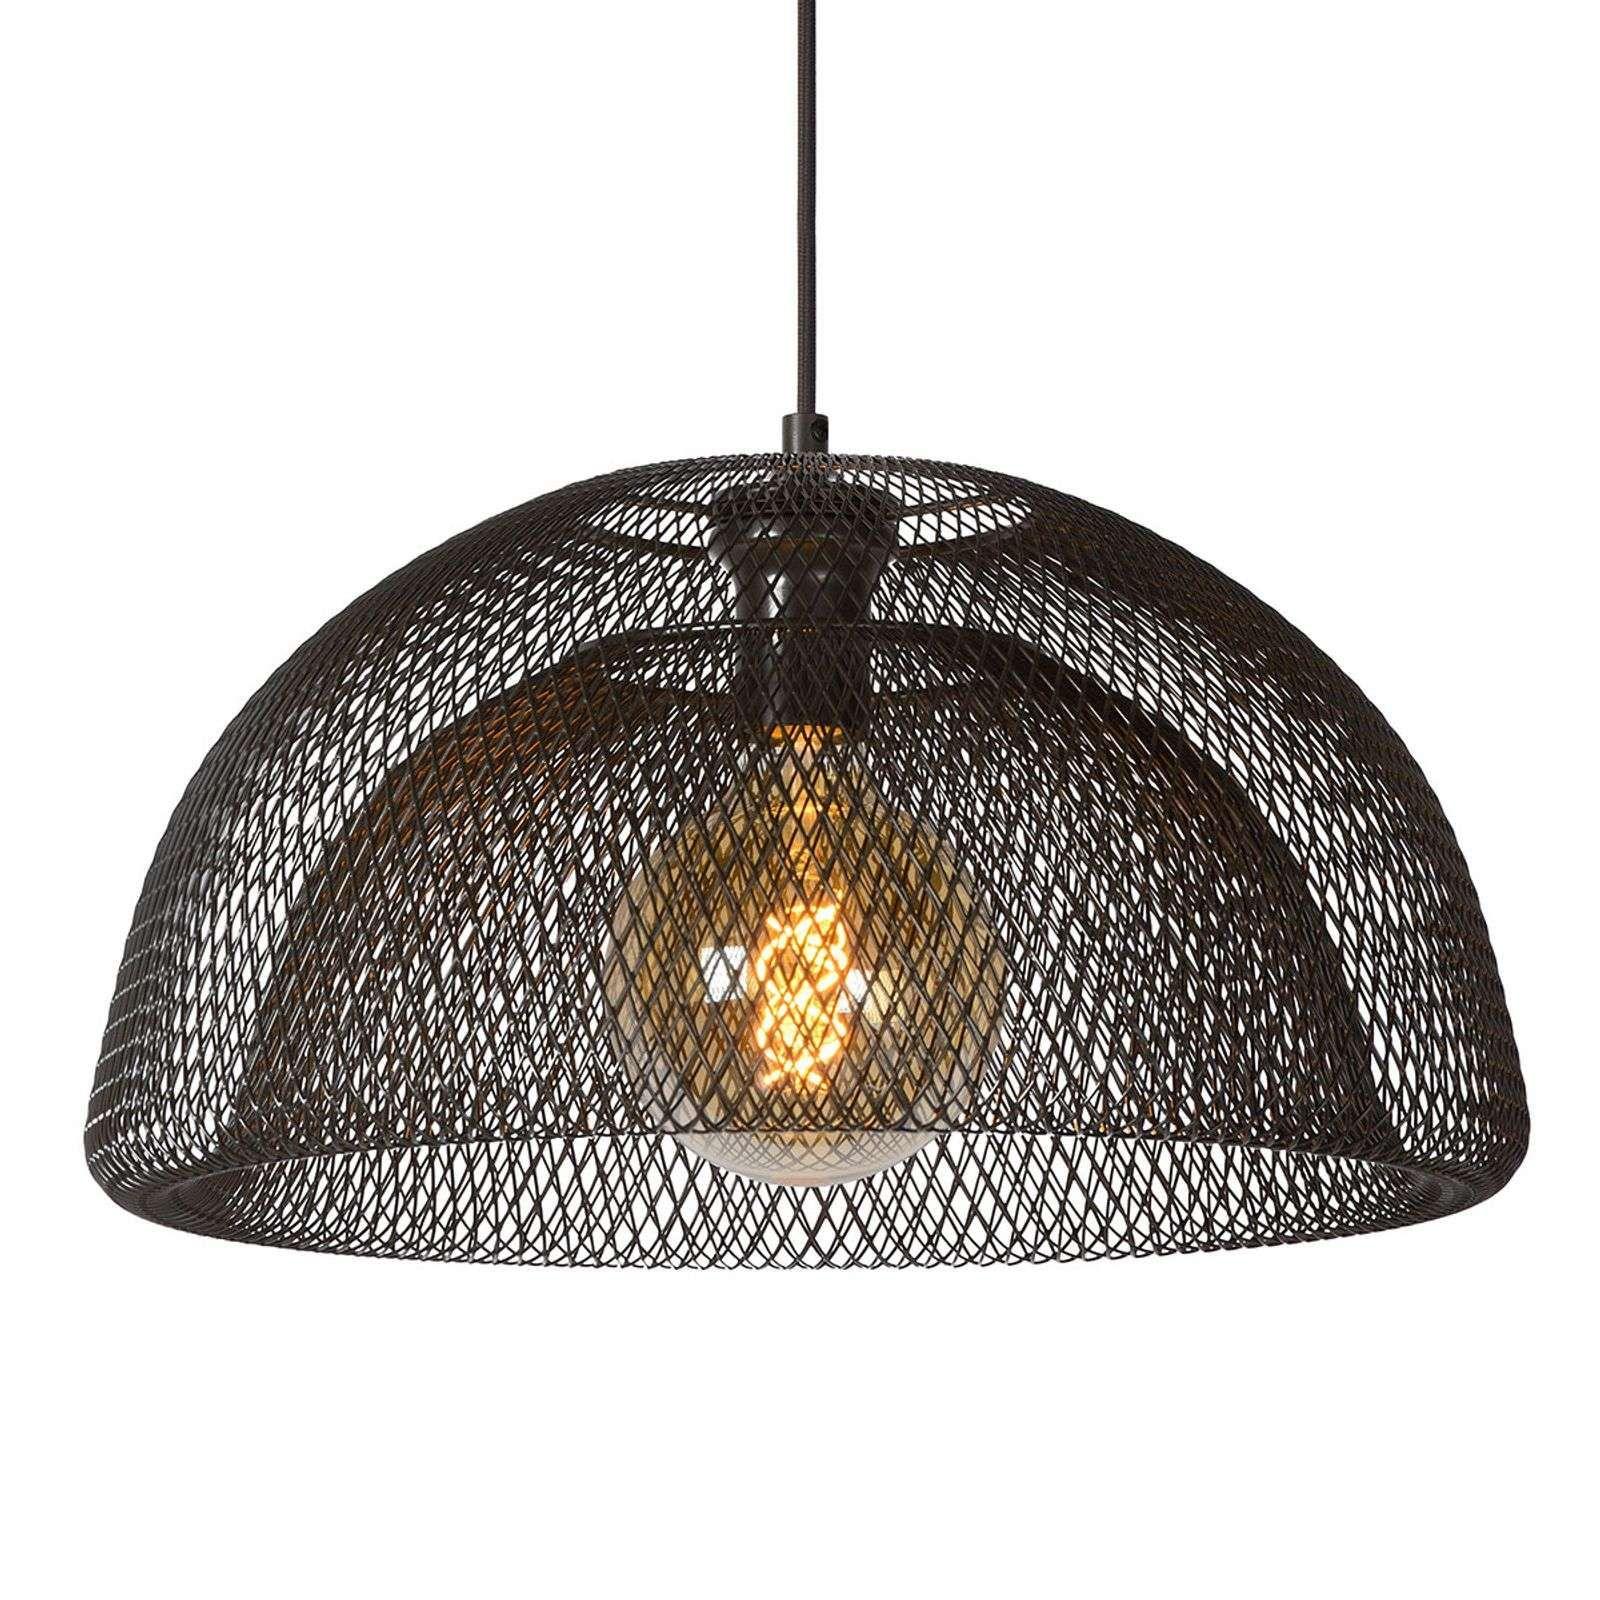 Design Pendel Leuchte Decken Hänge Lampe Wohnraum Geflecht Big Light